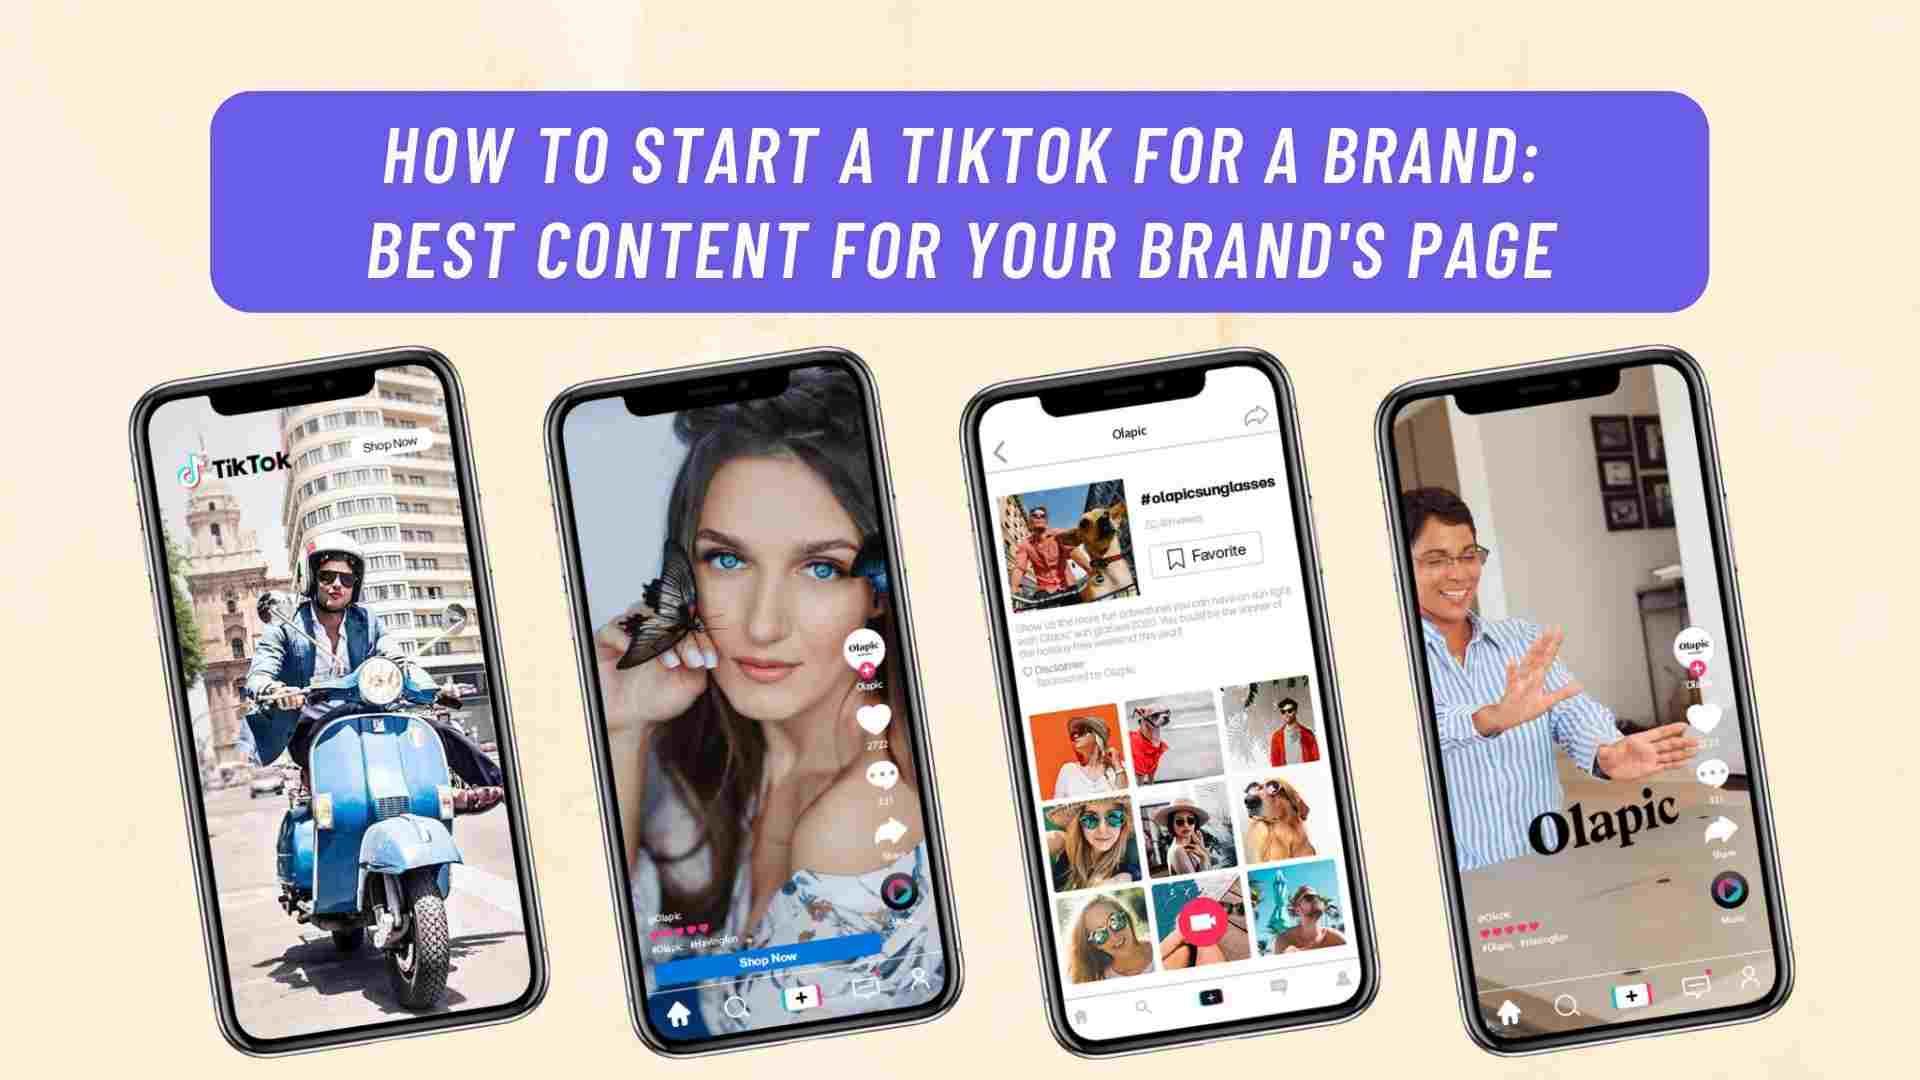 Tiktok For A Brand Page